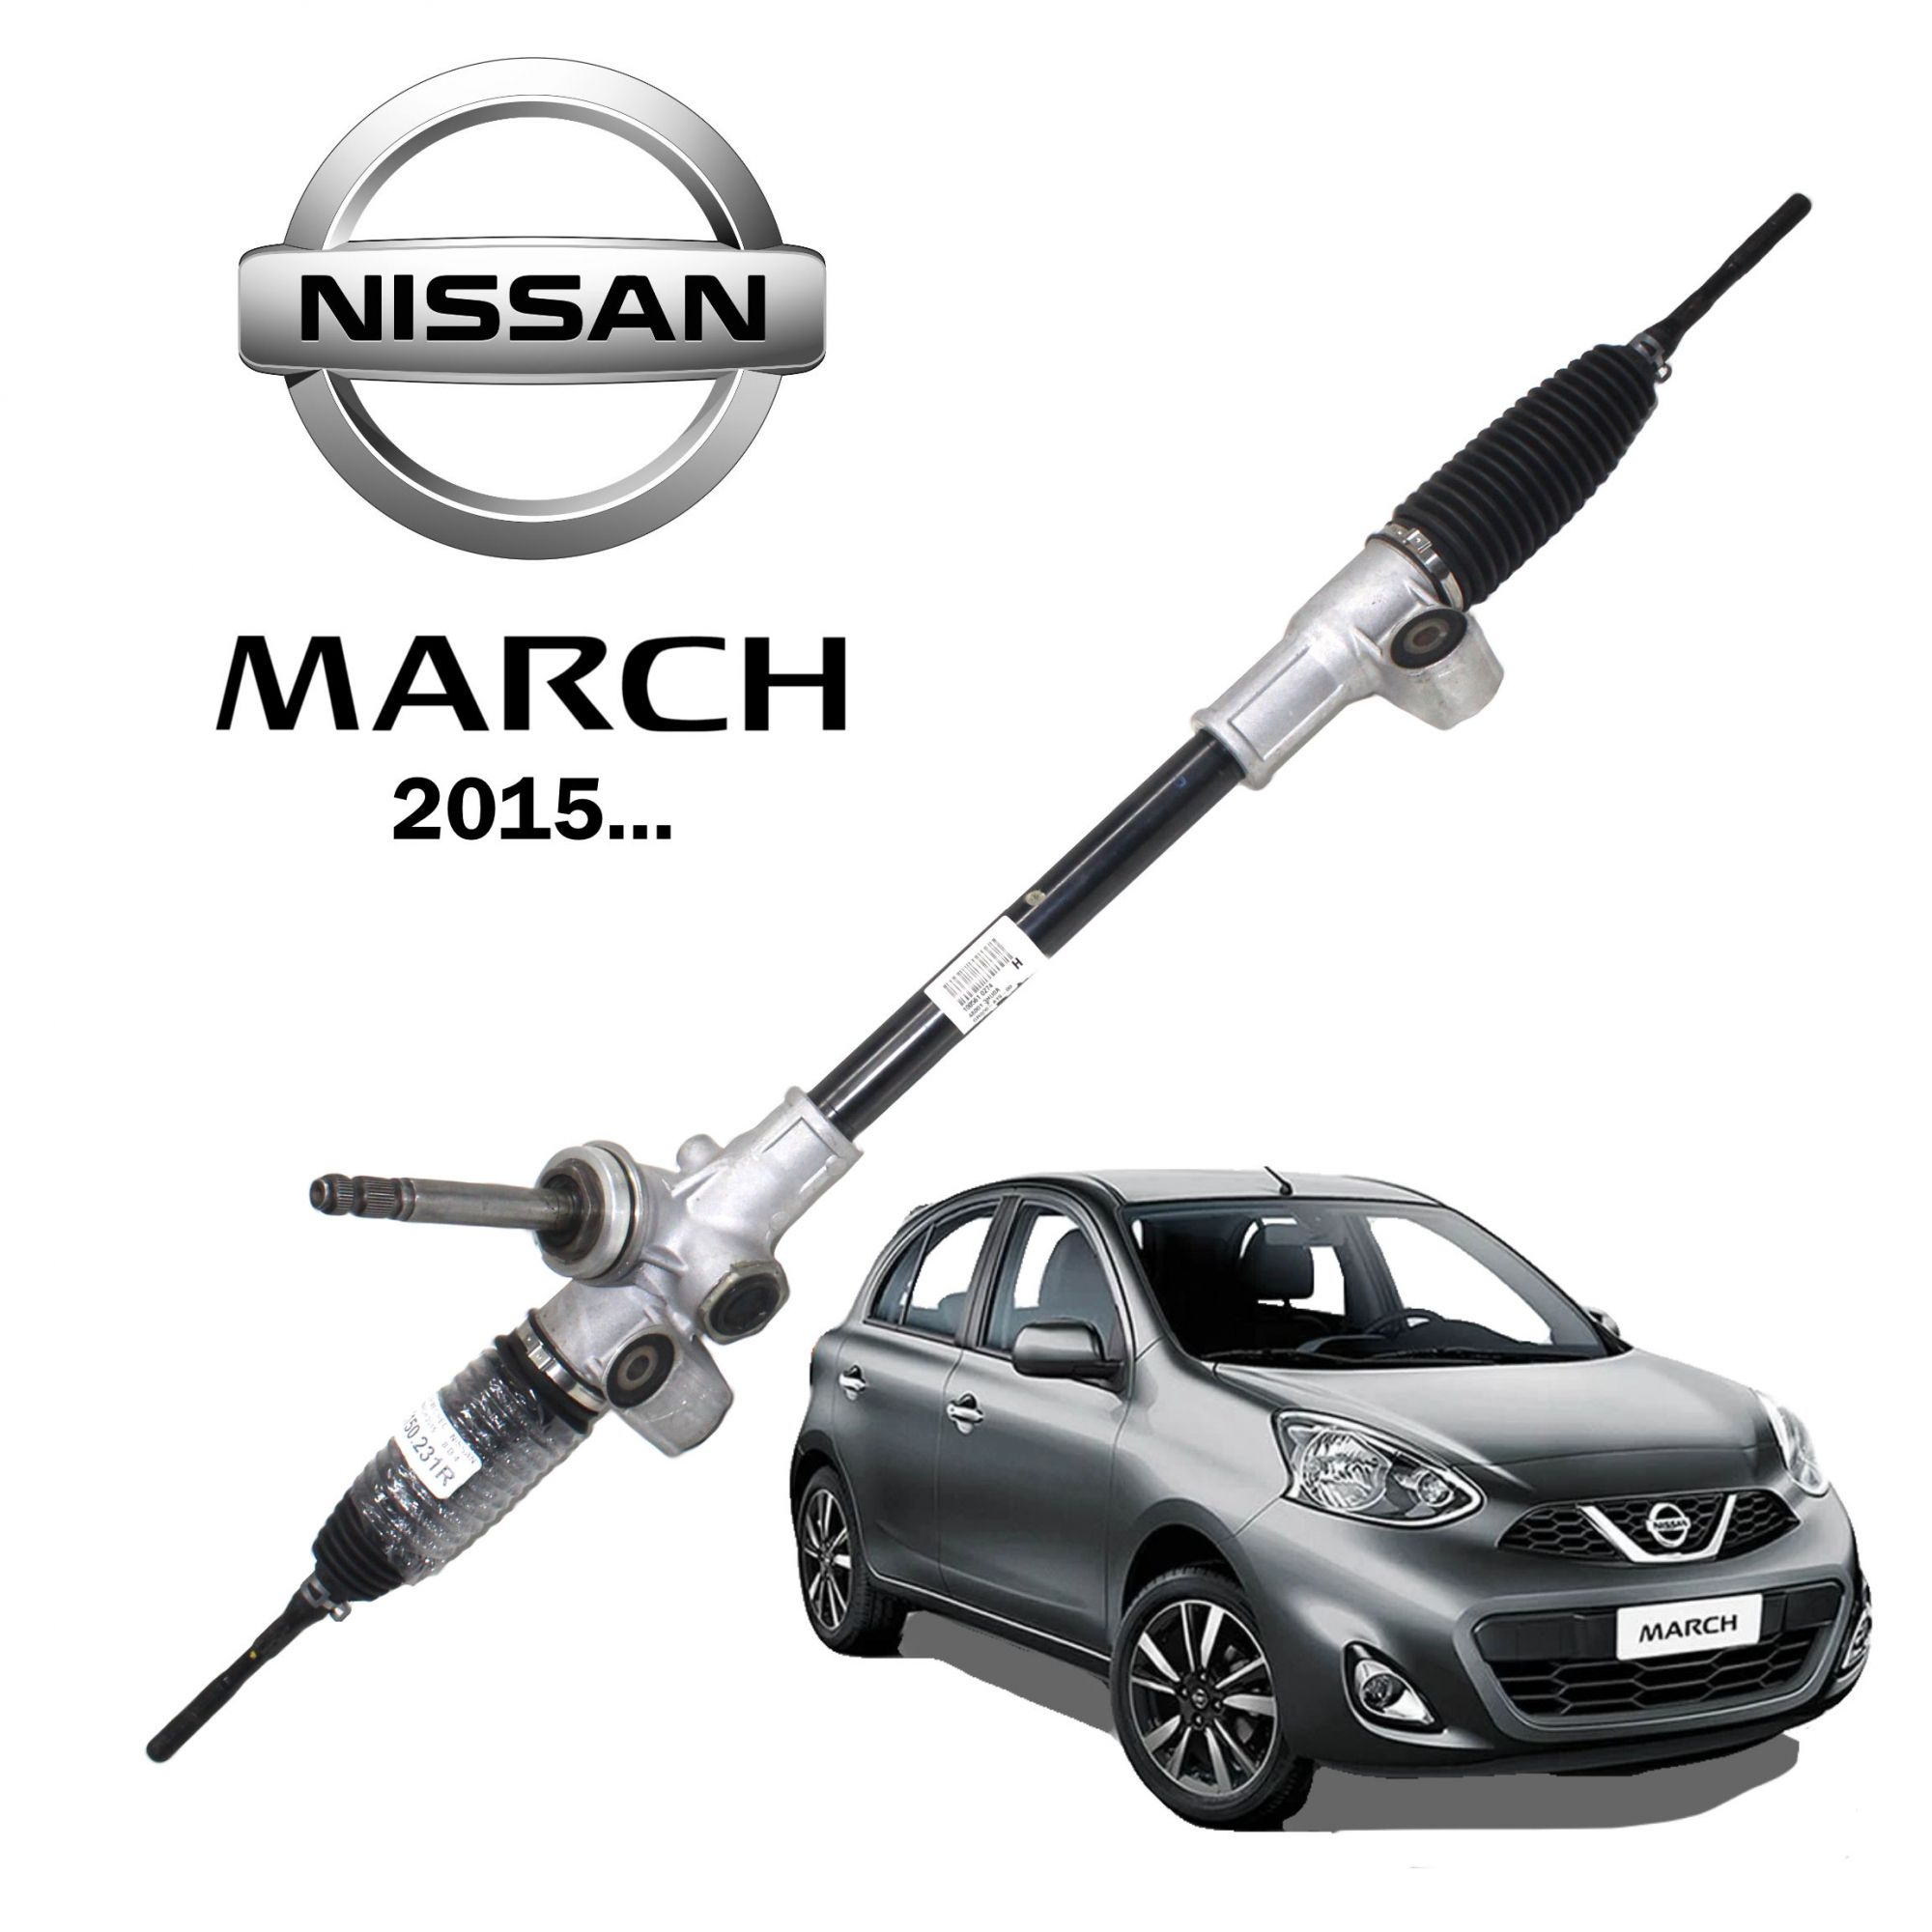 Caixa Direção Mecânica Nissan March 2015... 480013HU0A